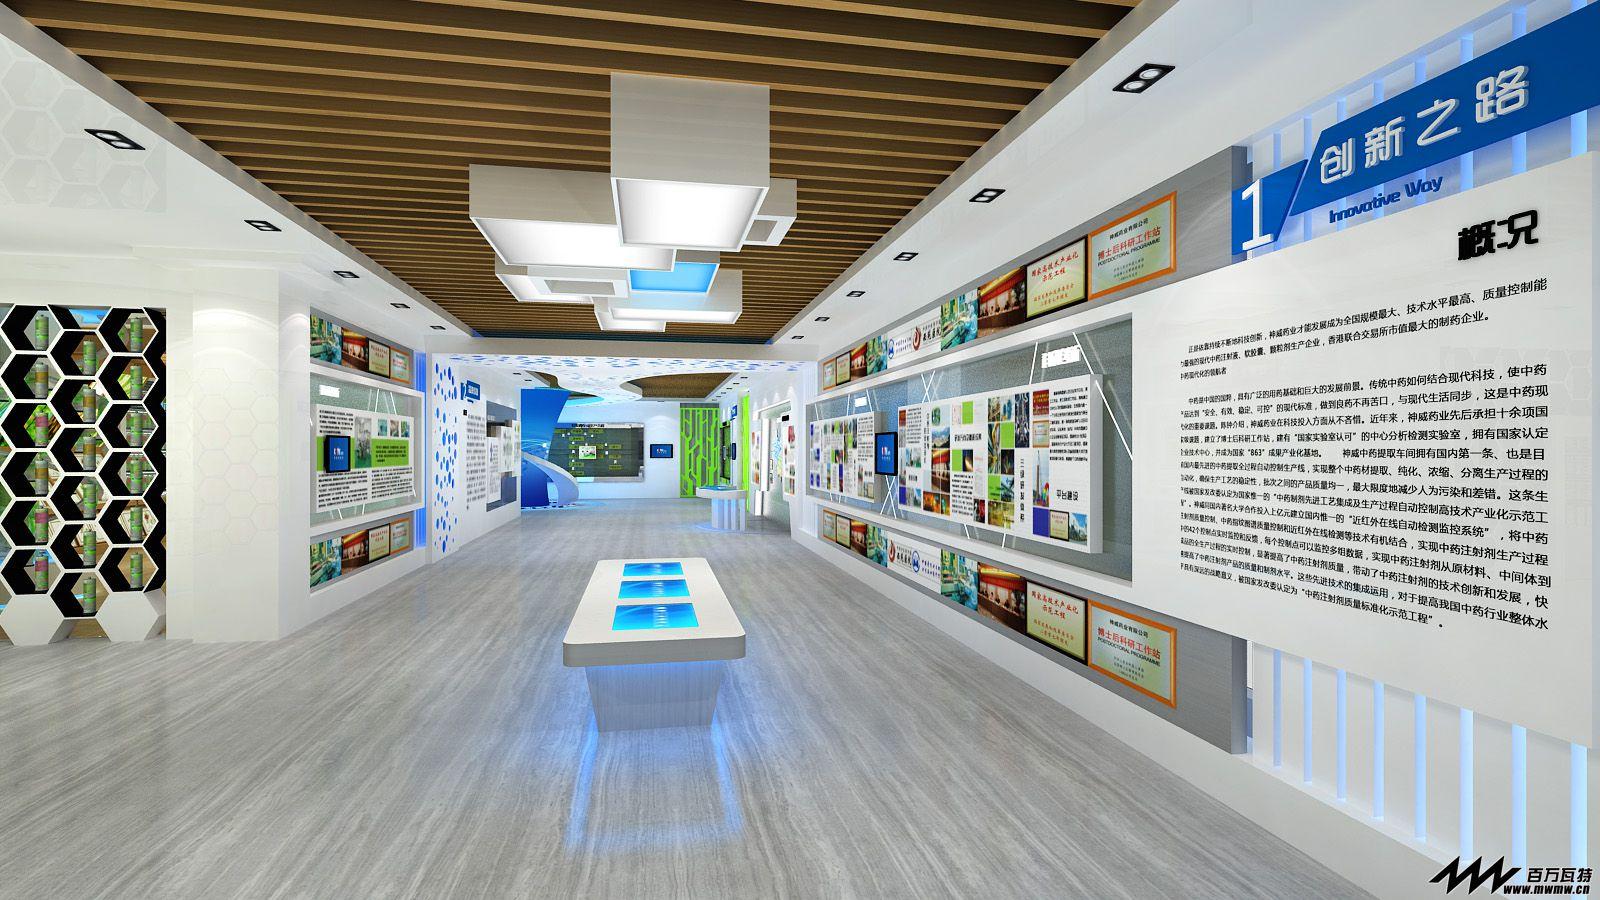 论坛 69 分享区 69 展馆与展厅 69 展厅设计 部分作品